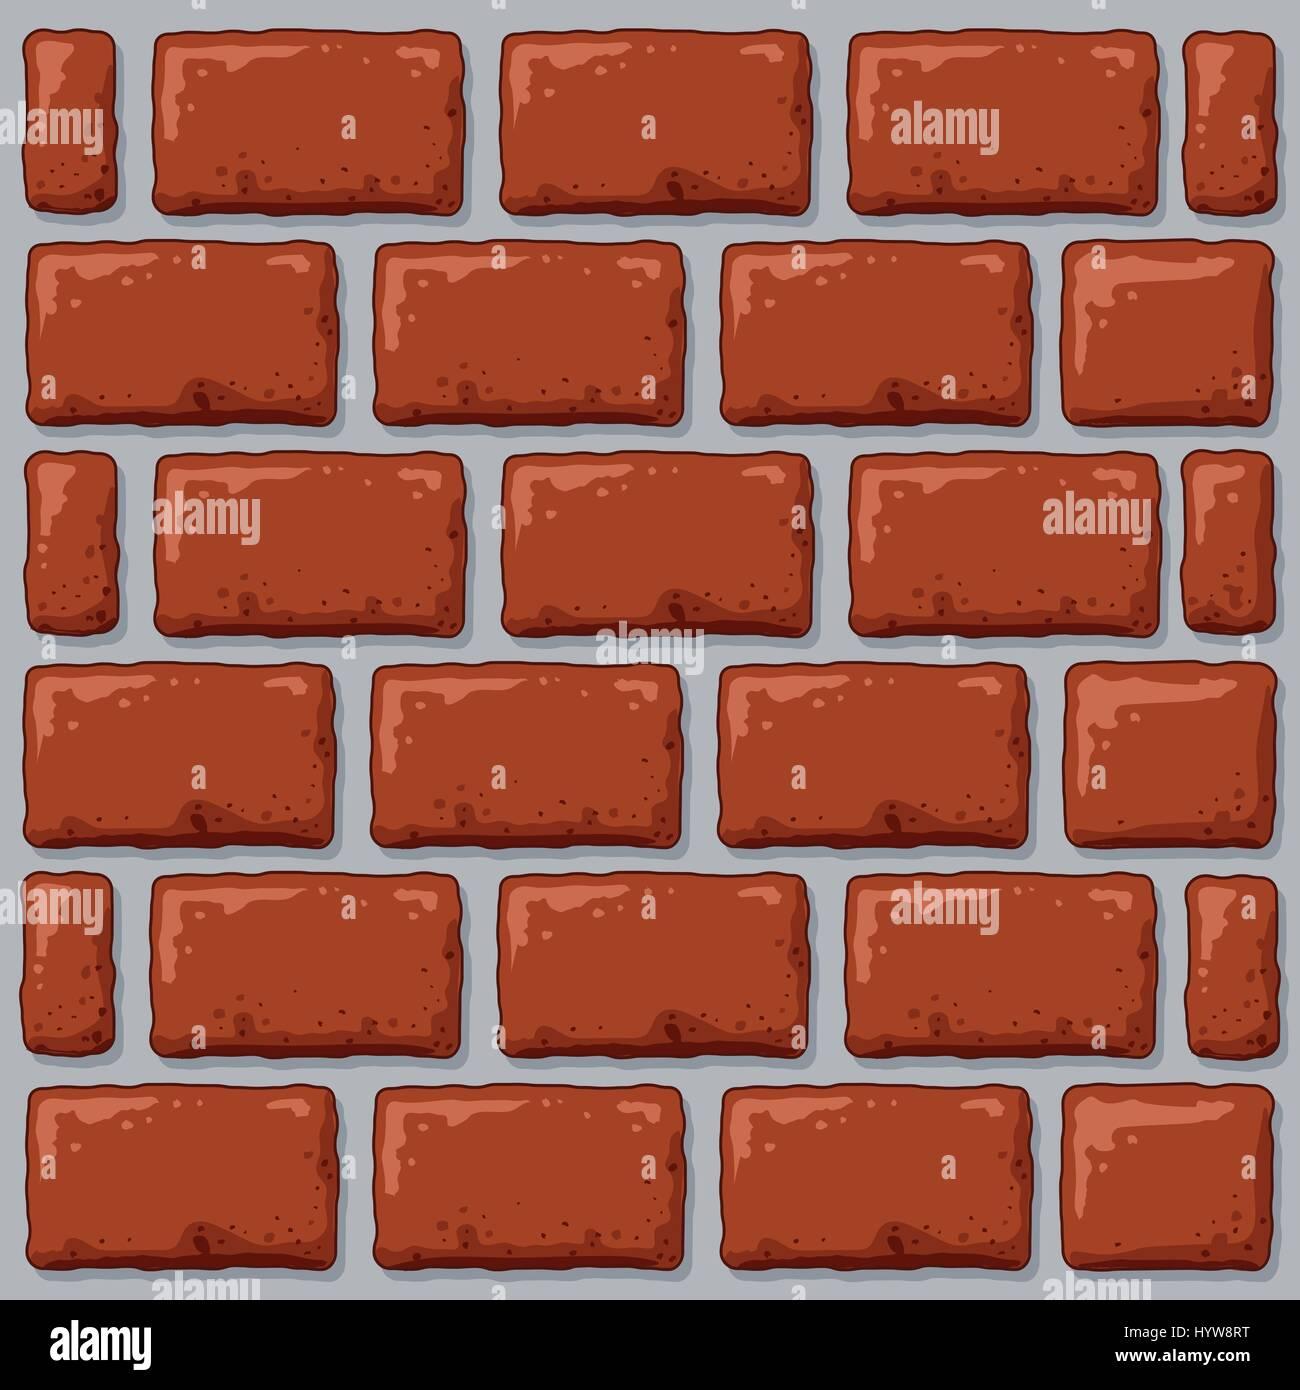 Un Dessin De Fond D Un Mur De Briques Image Vectorielle Stock Alamy